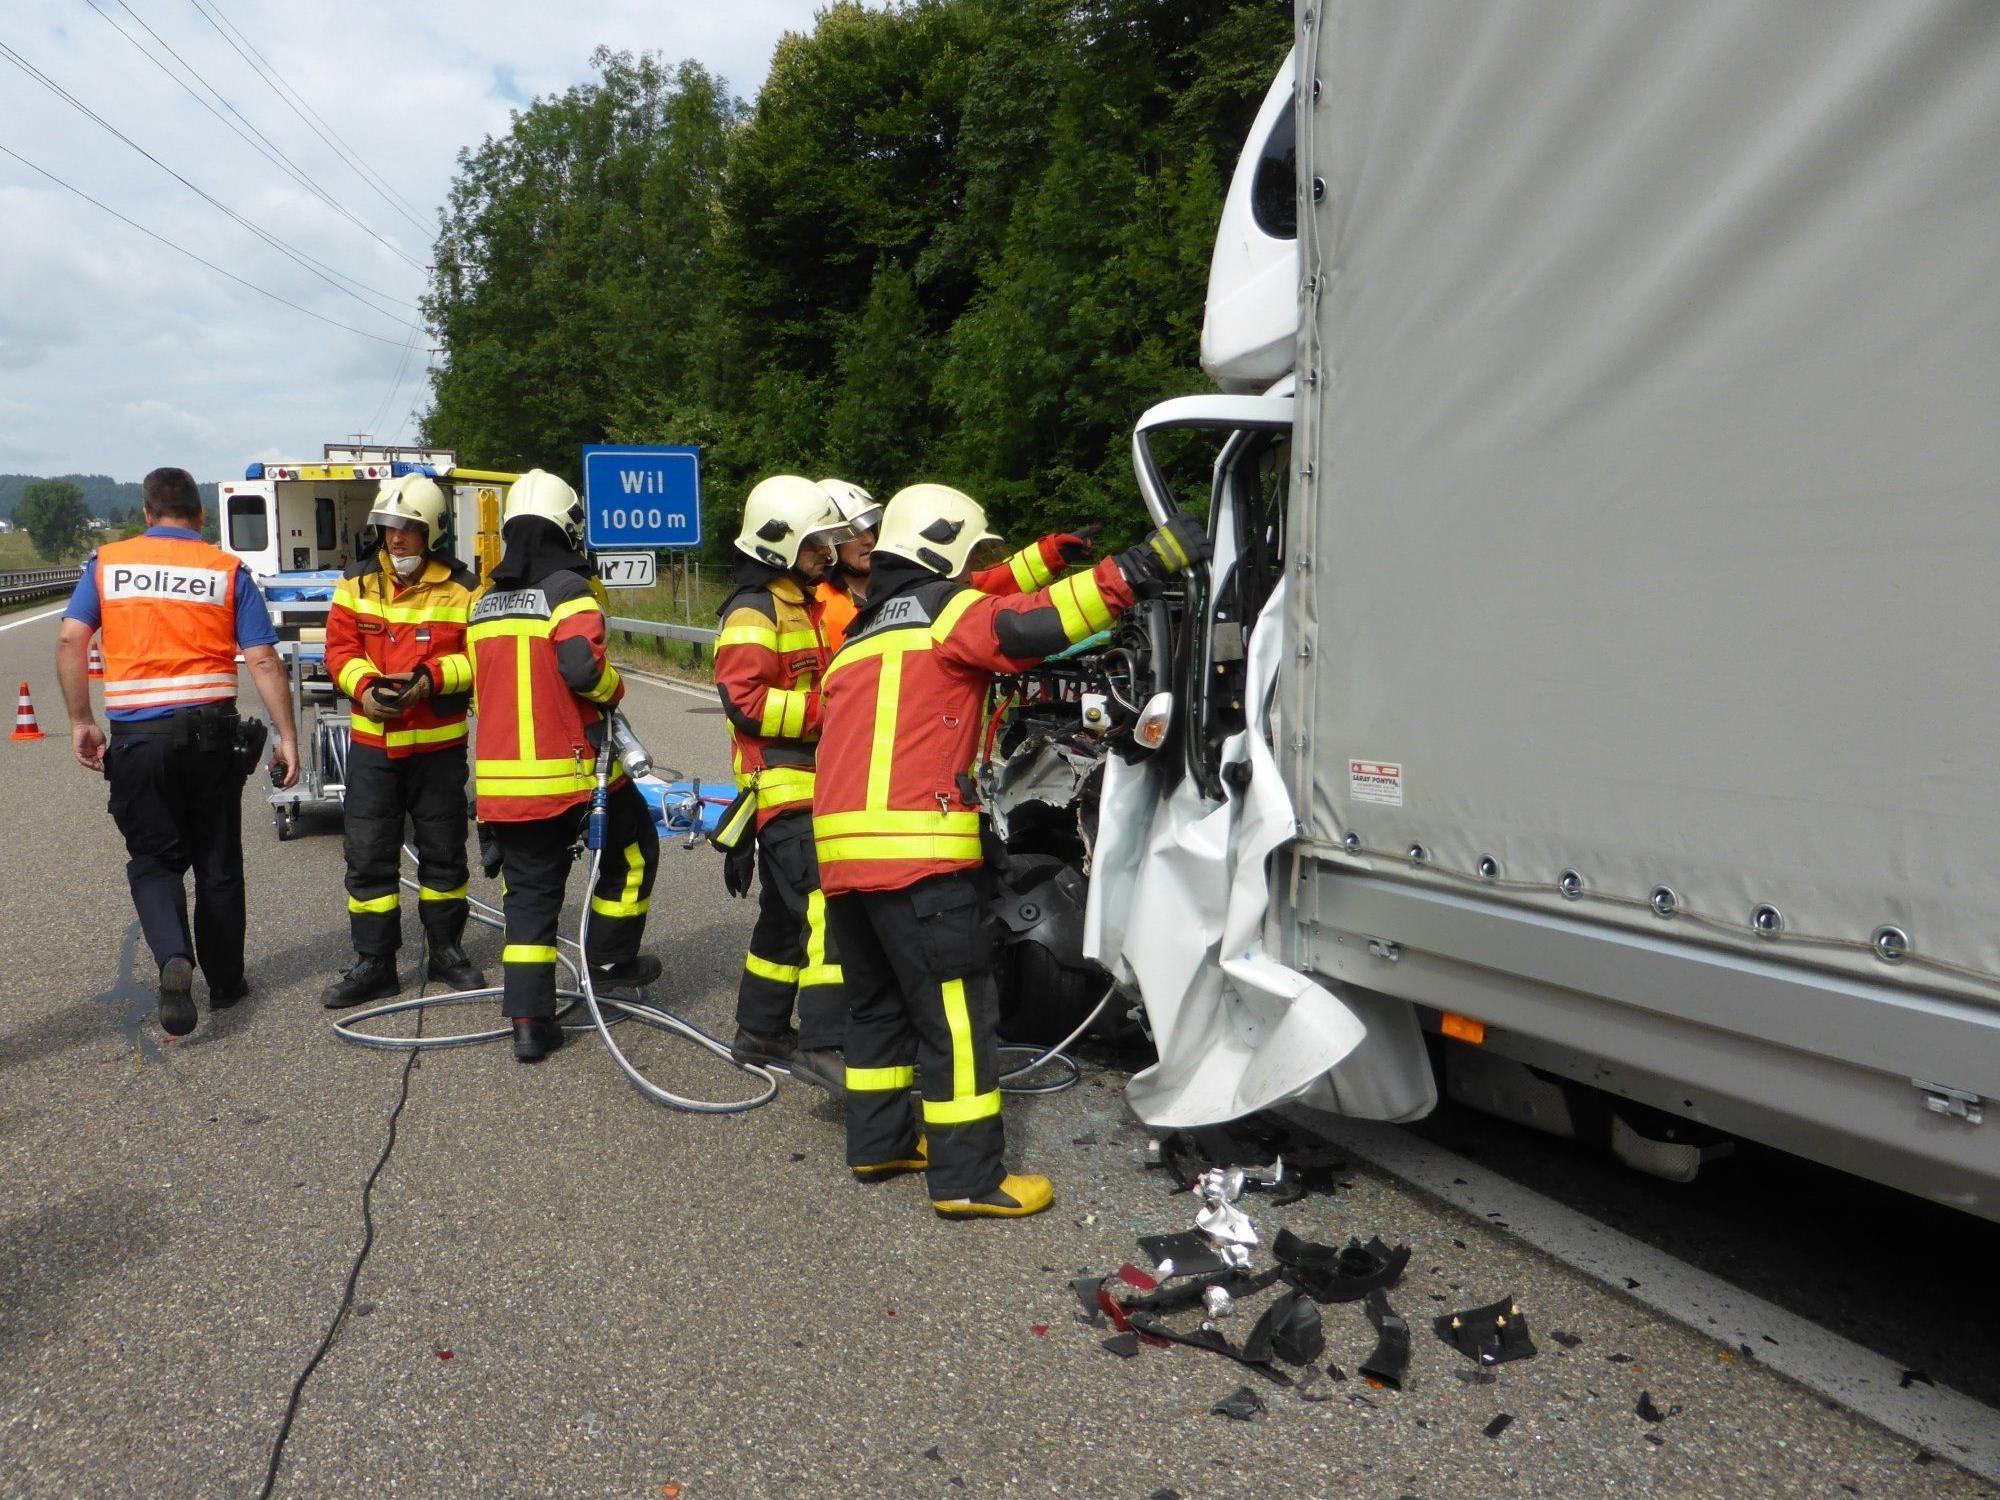 Wil: Schwerer Unfall auf der Autobahn, zwei Vorarlberger involviert.